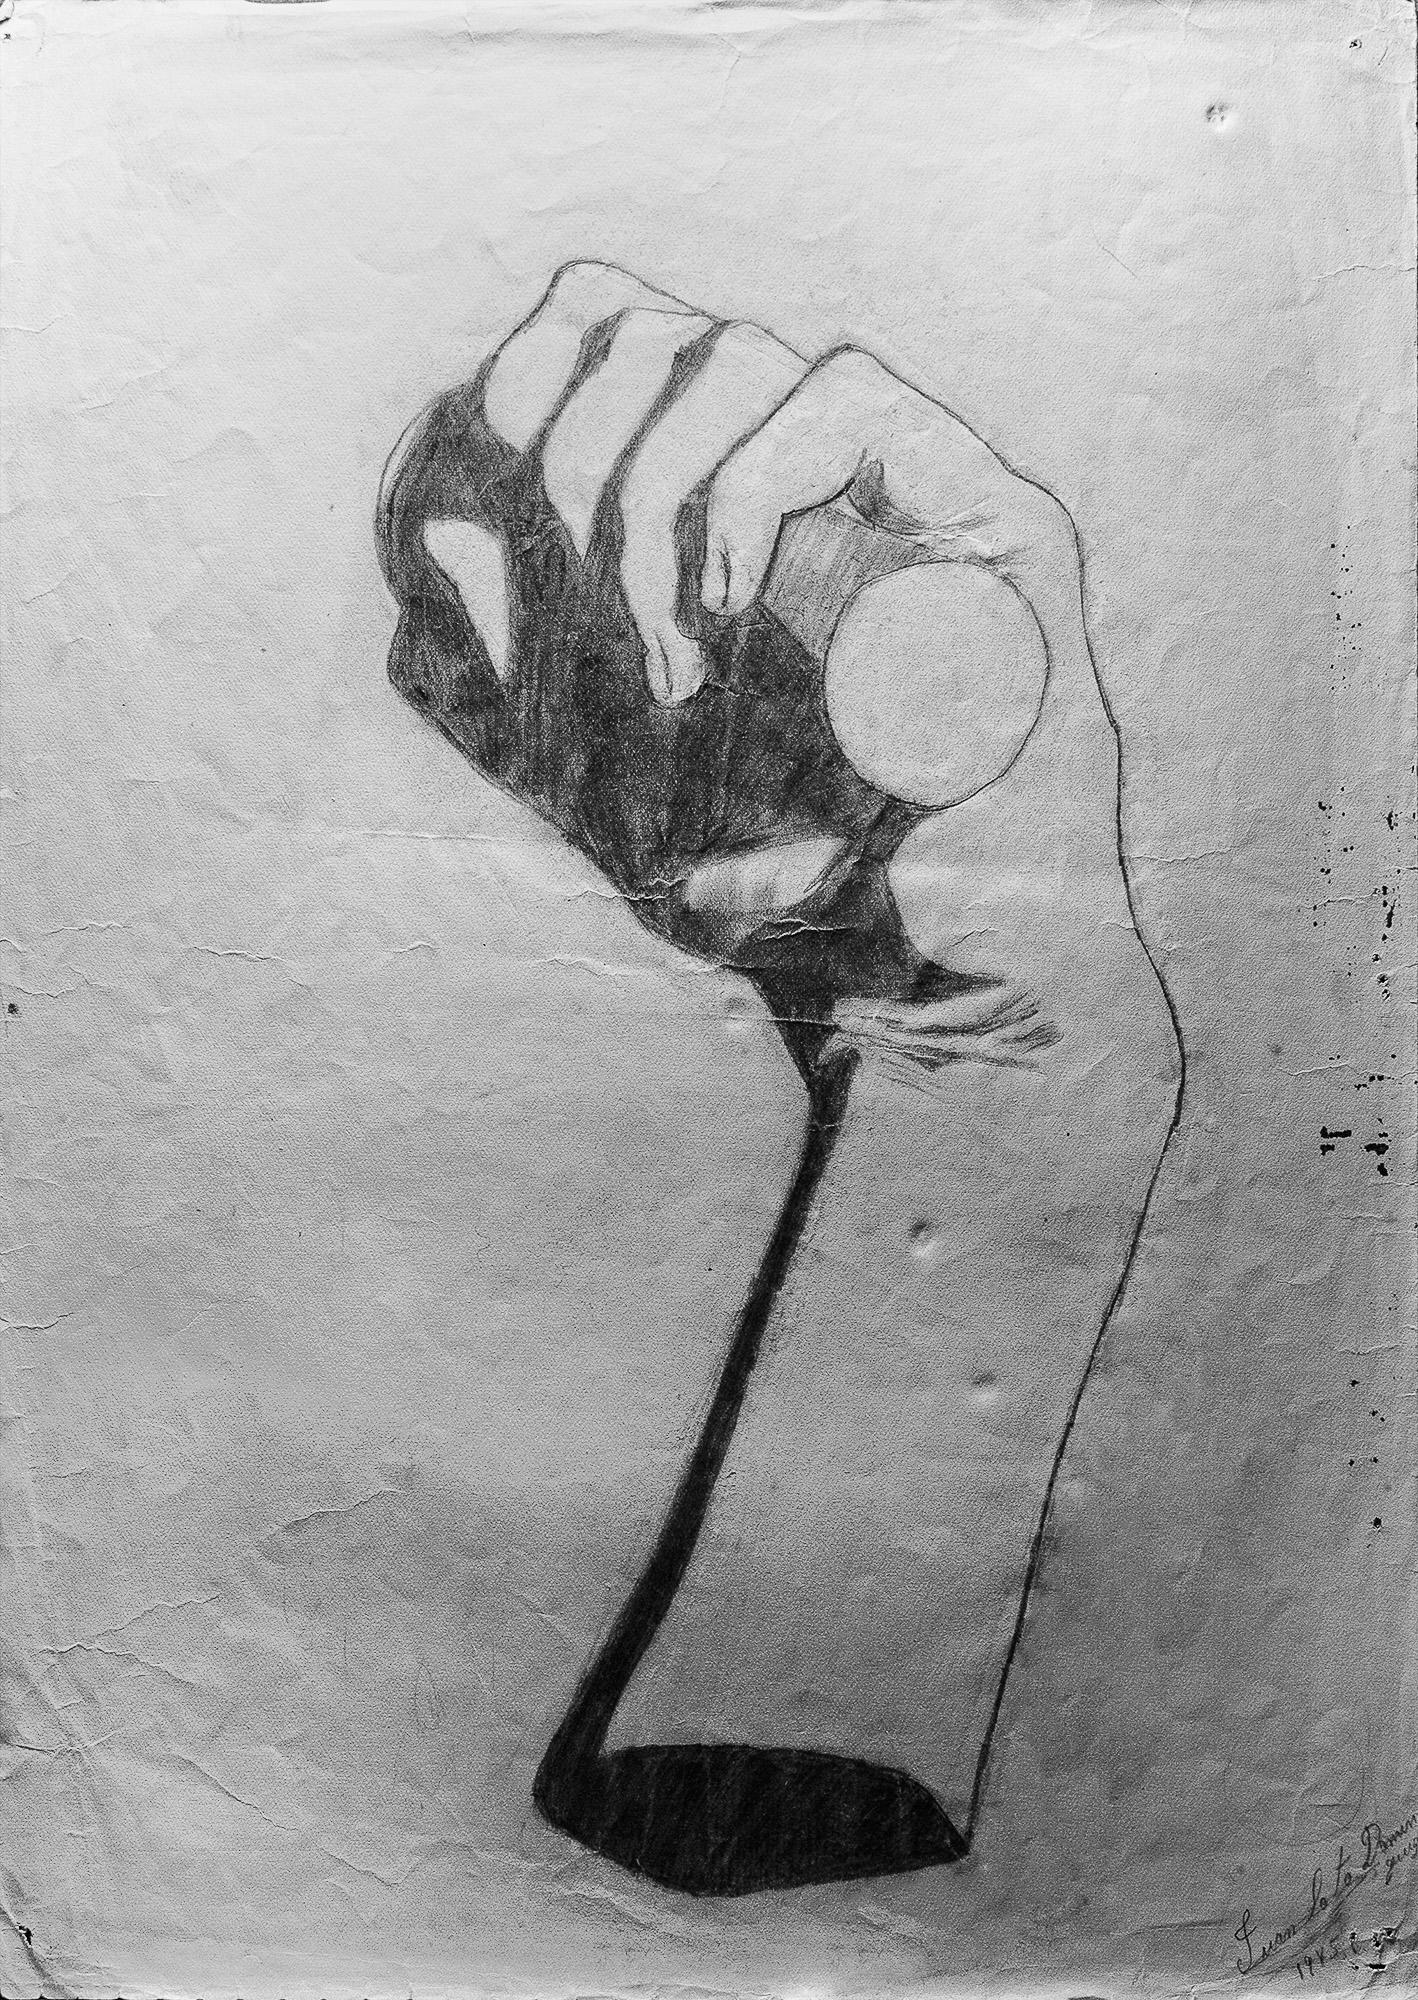 Juan Soto. Obra temprana 1946. Carboncillo sobre papel. 34,5x 23,5 cm.